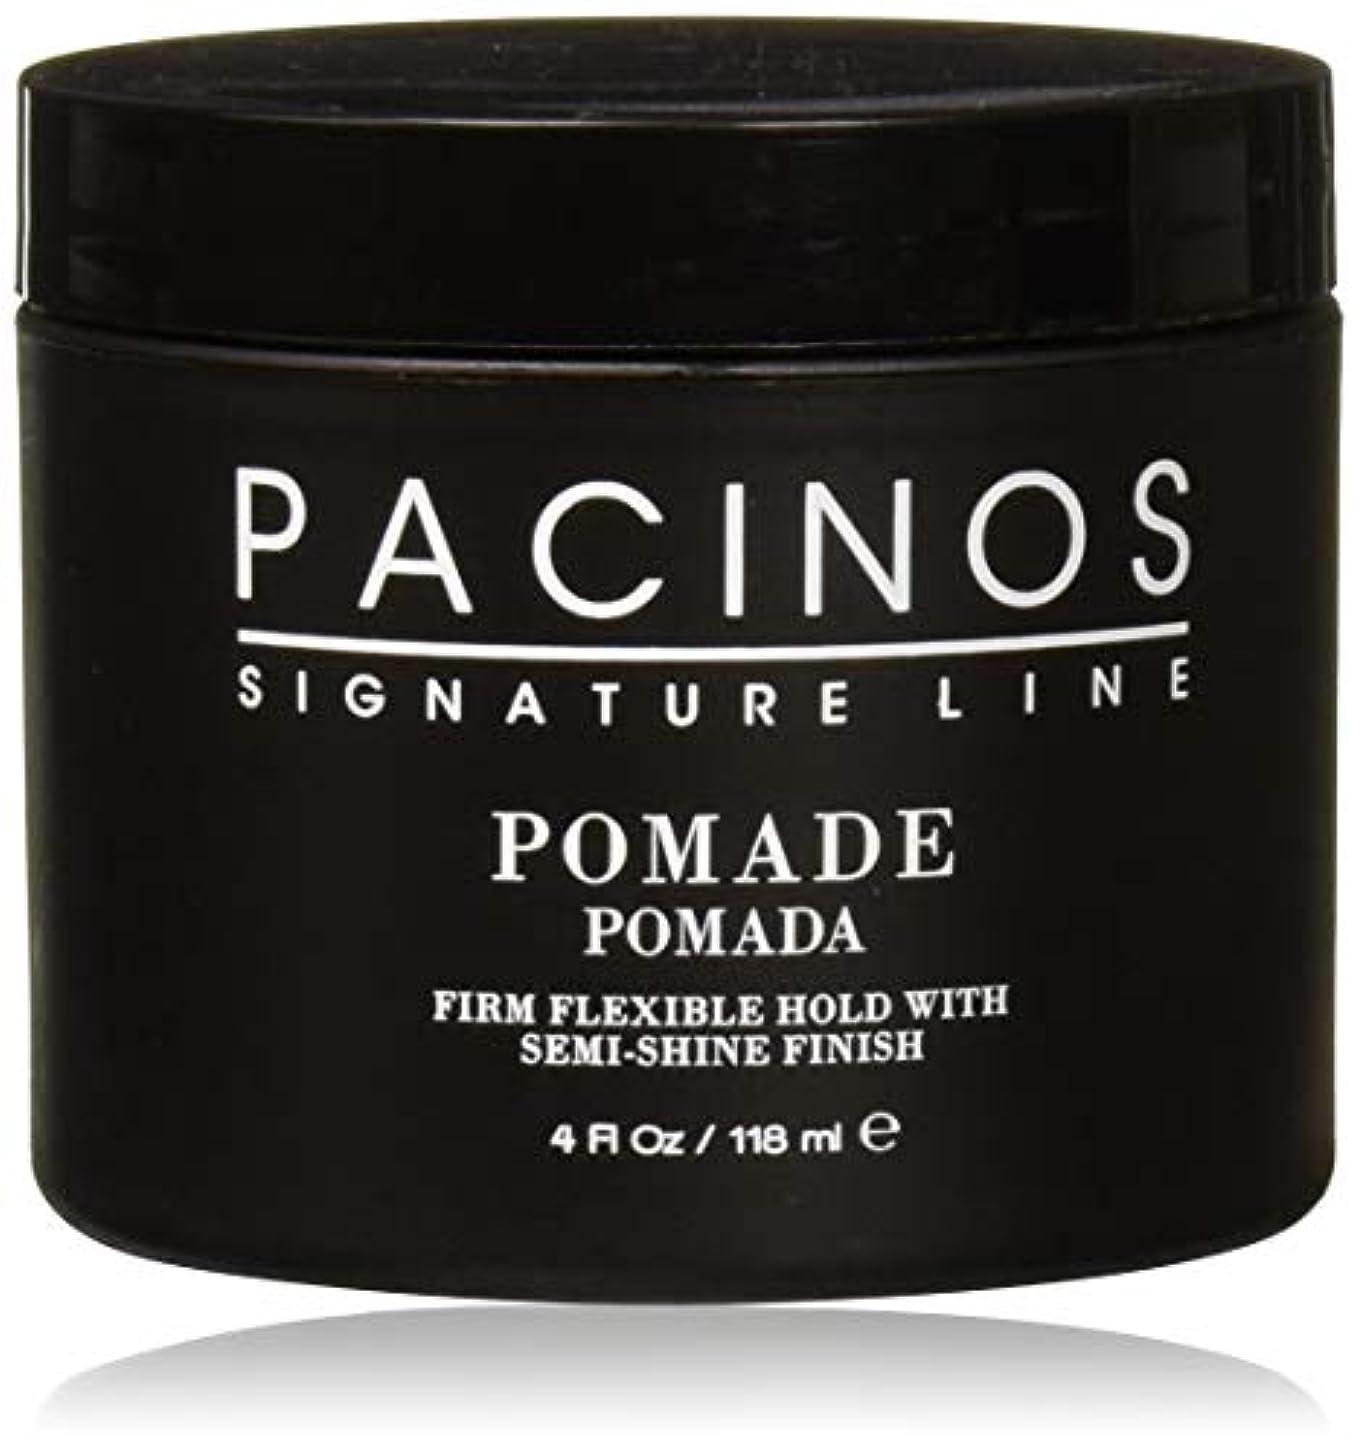 ストライクスタウトご意見Pacinos Pomade パチーノス?ポマード【日本正規品】4oz(118g)